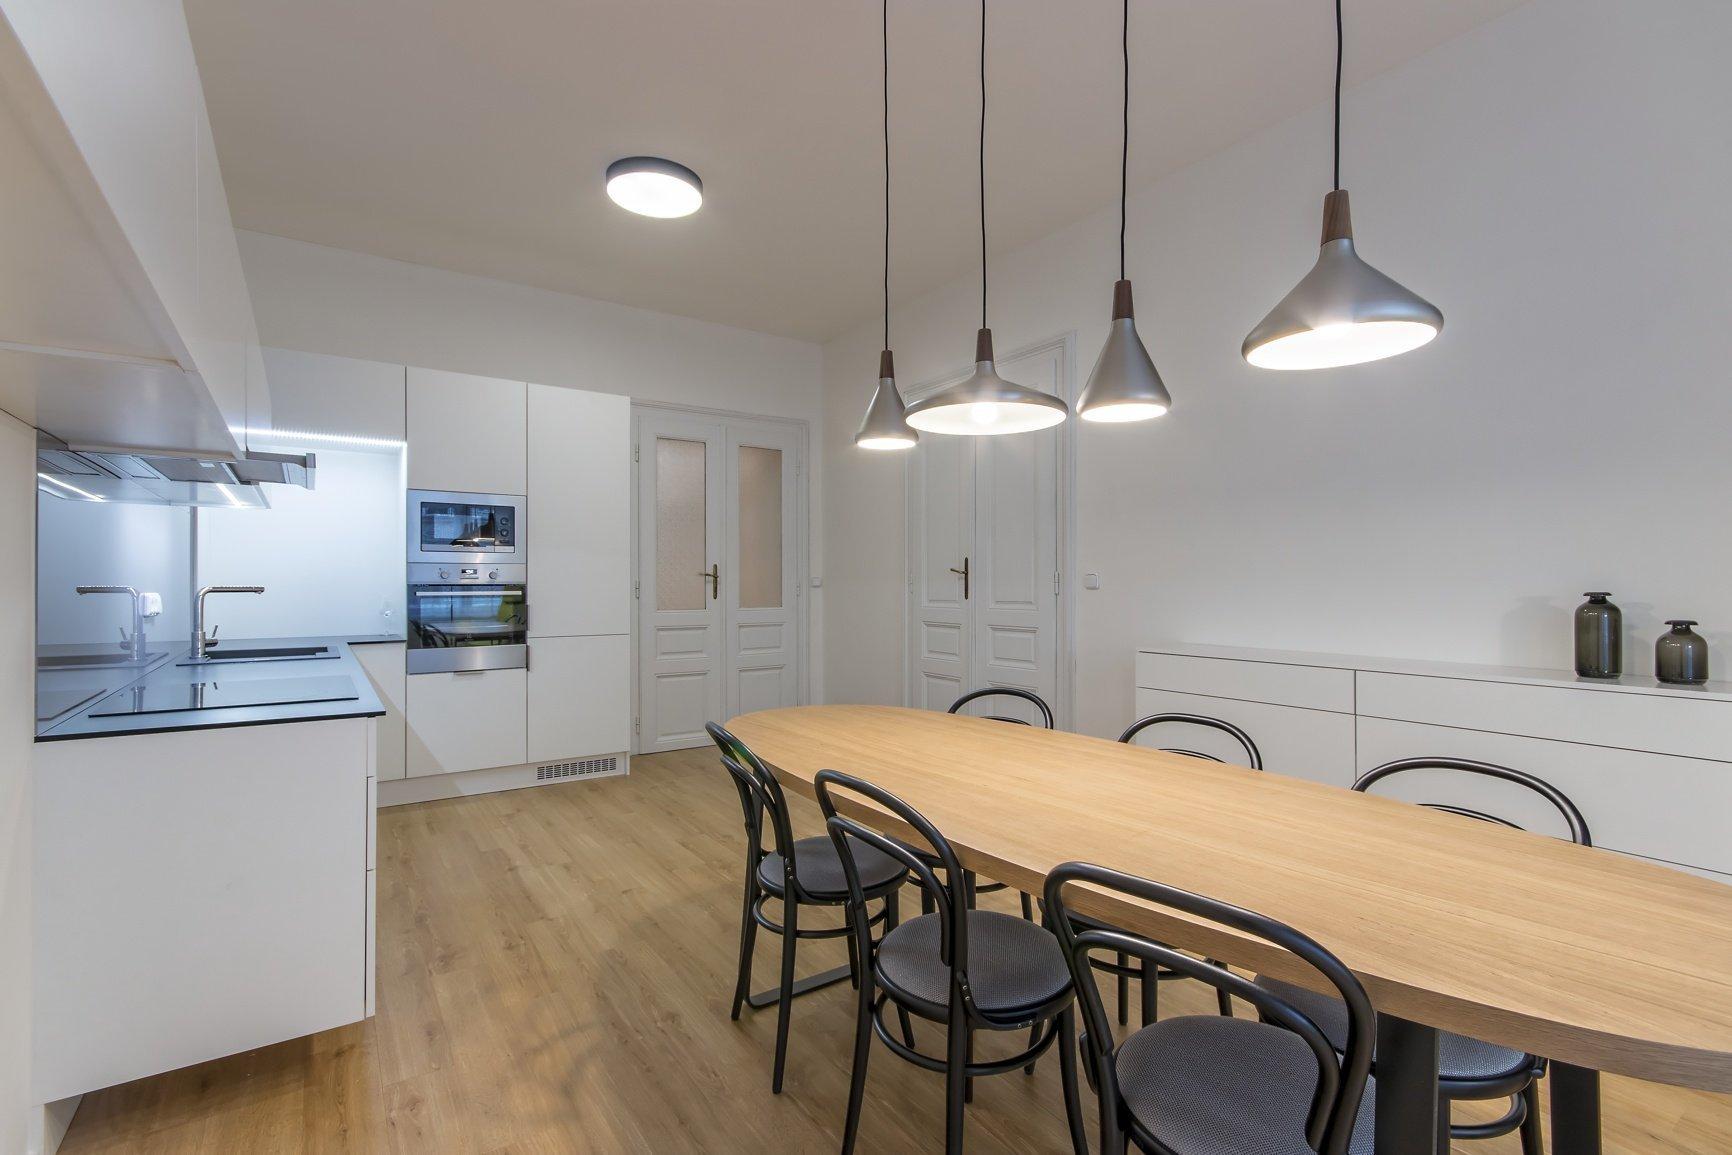 Dispozice : 4 kk Užitná plocha : 100 m Realizace : 2015  Majitel bytu vcentru Brna ho pořídil za účelem zajištění dočasného bydlení pro…